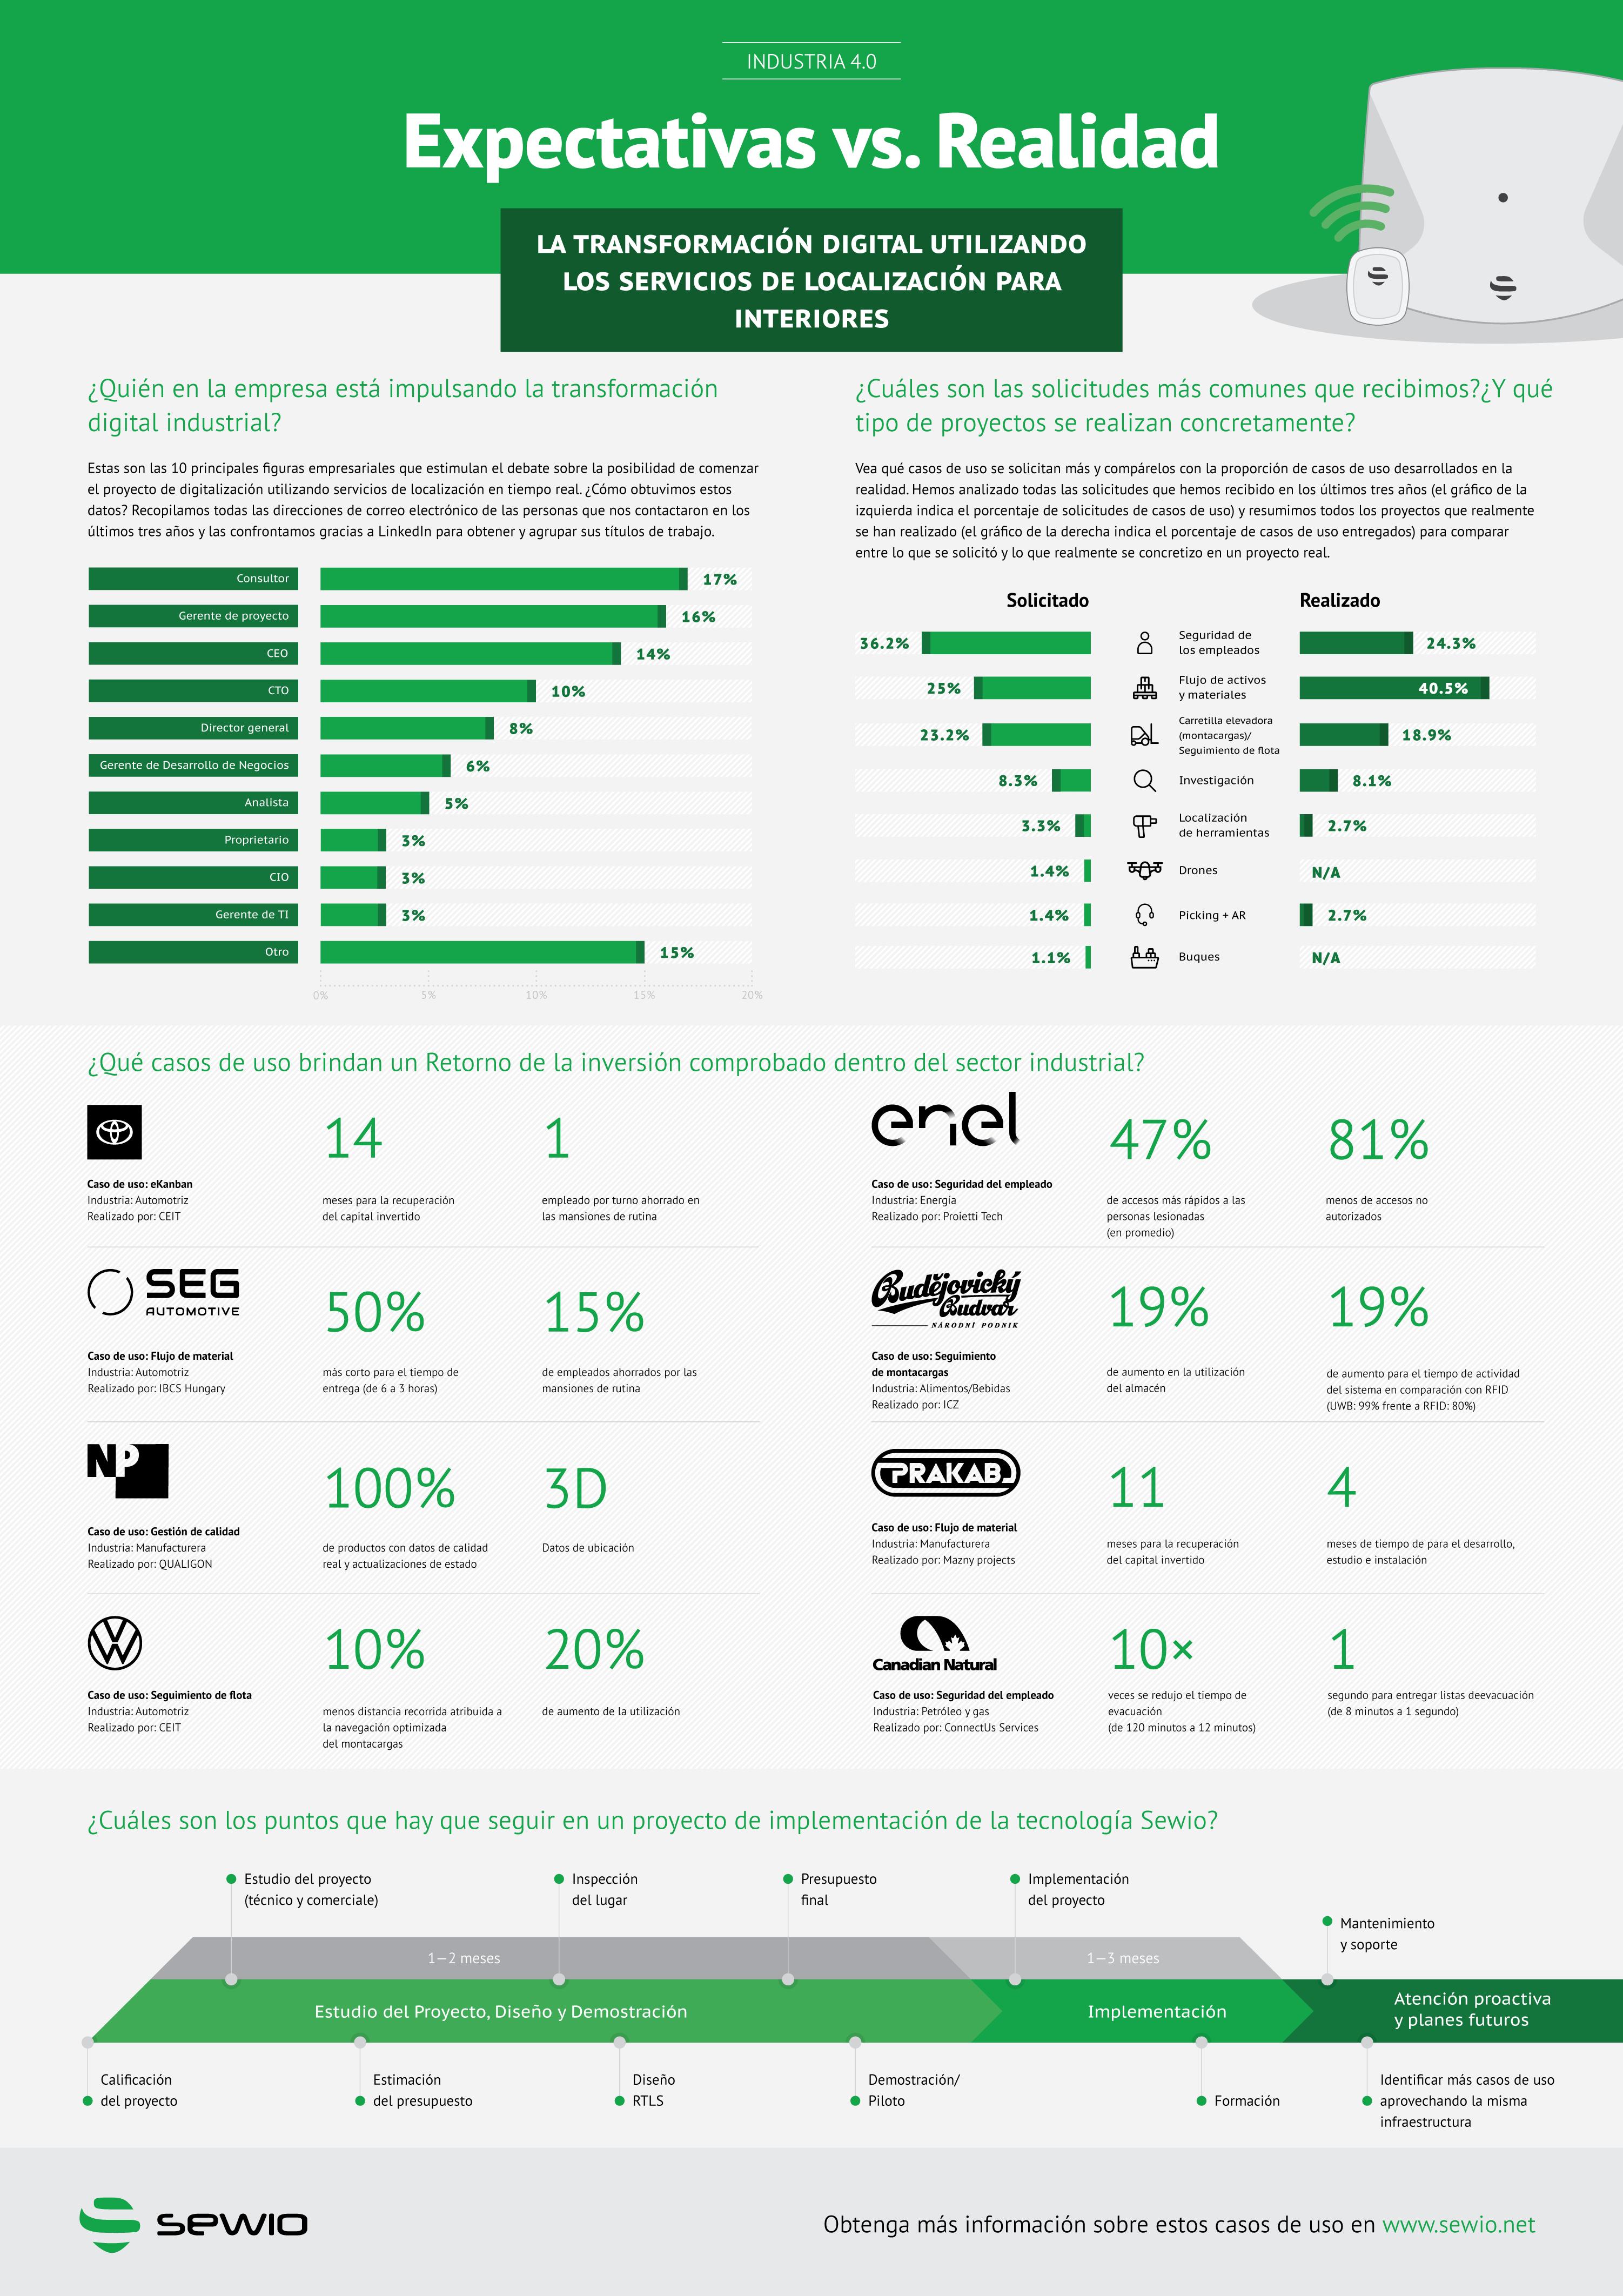 Sewio presenta una infografía sobre expectativas frente a la realidad en la digitalización de industria 4.0,